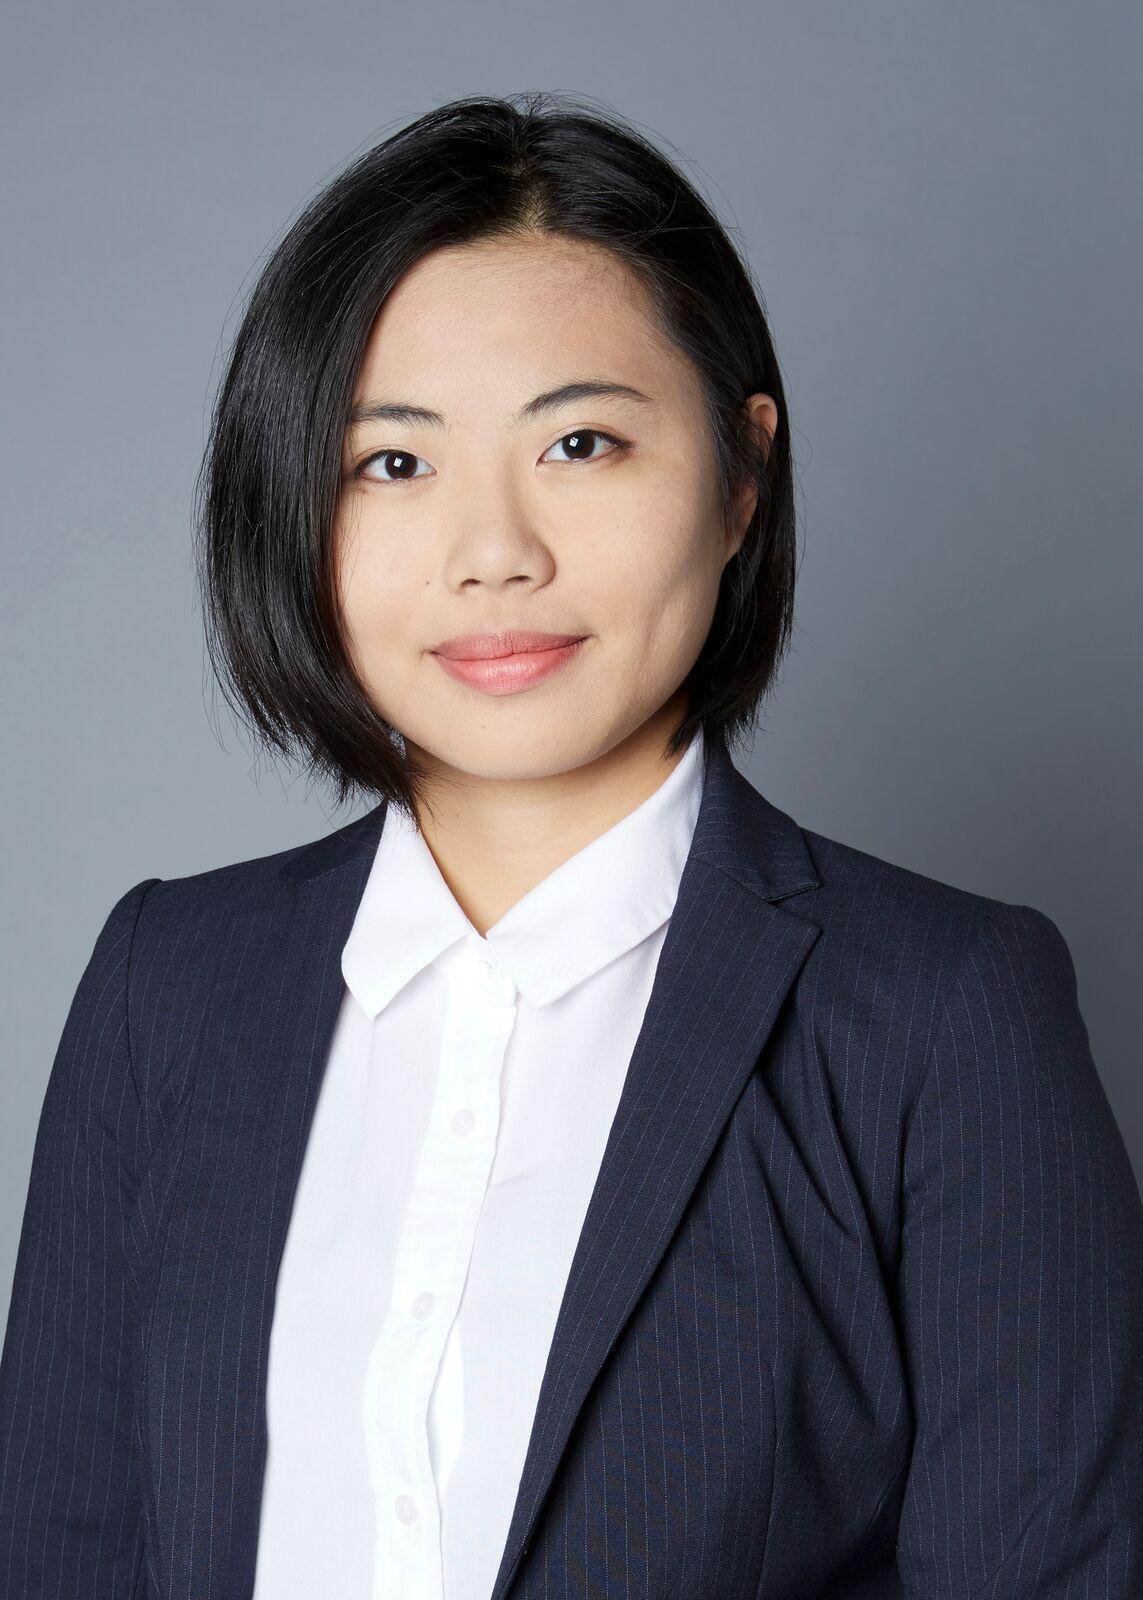 Professional Photo of Hong Li